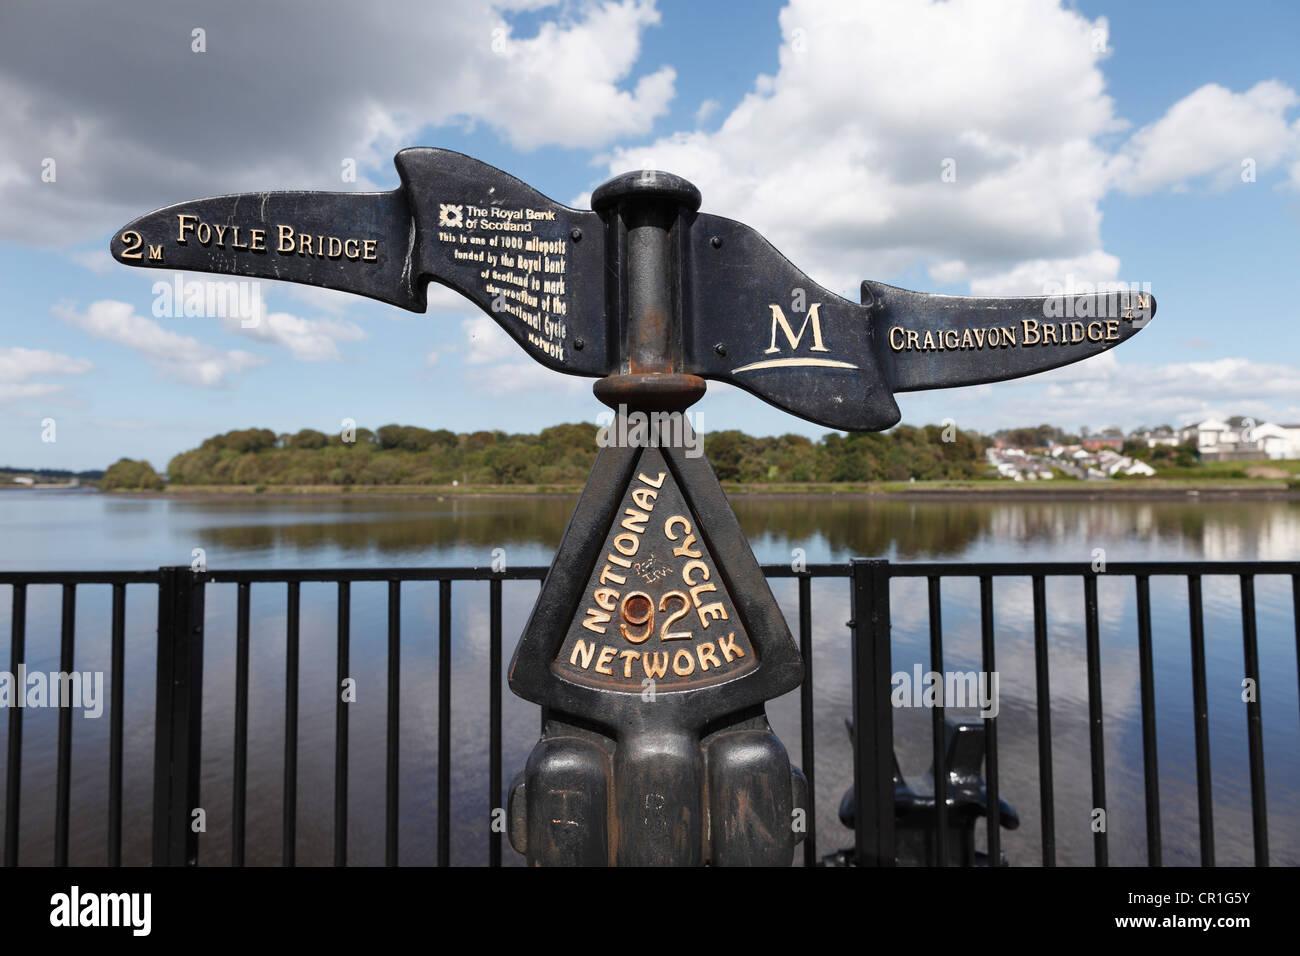 Gusseiserne Wegweiser auf den Fluss Foyle, Londonderry, County Derry, Nordirland, Vereinigtes Königreich, Europa, Stockbild